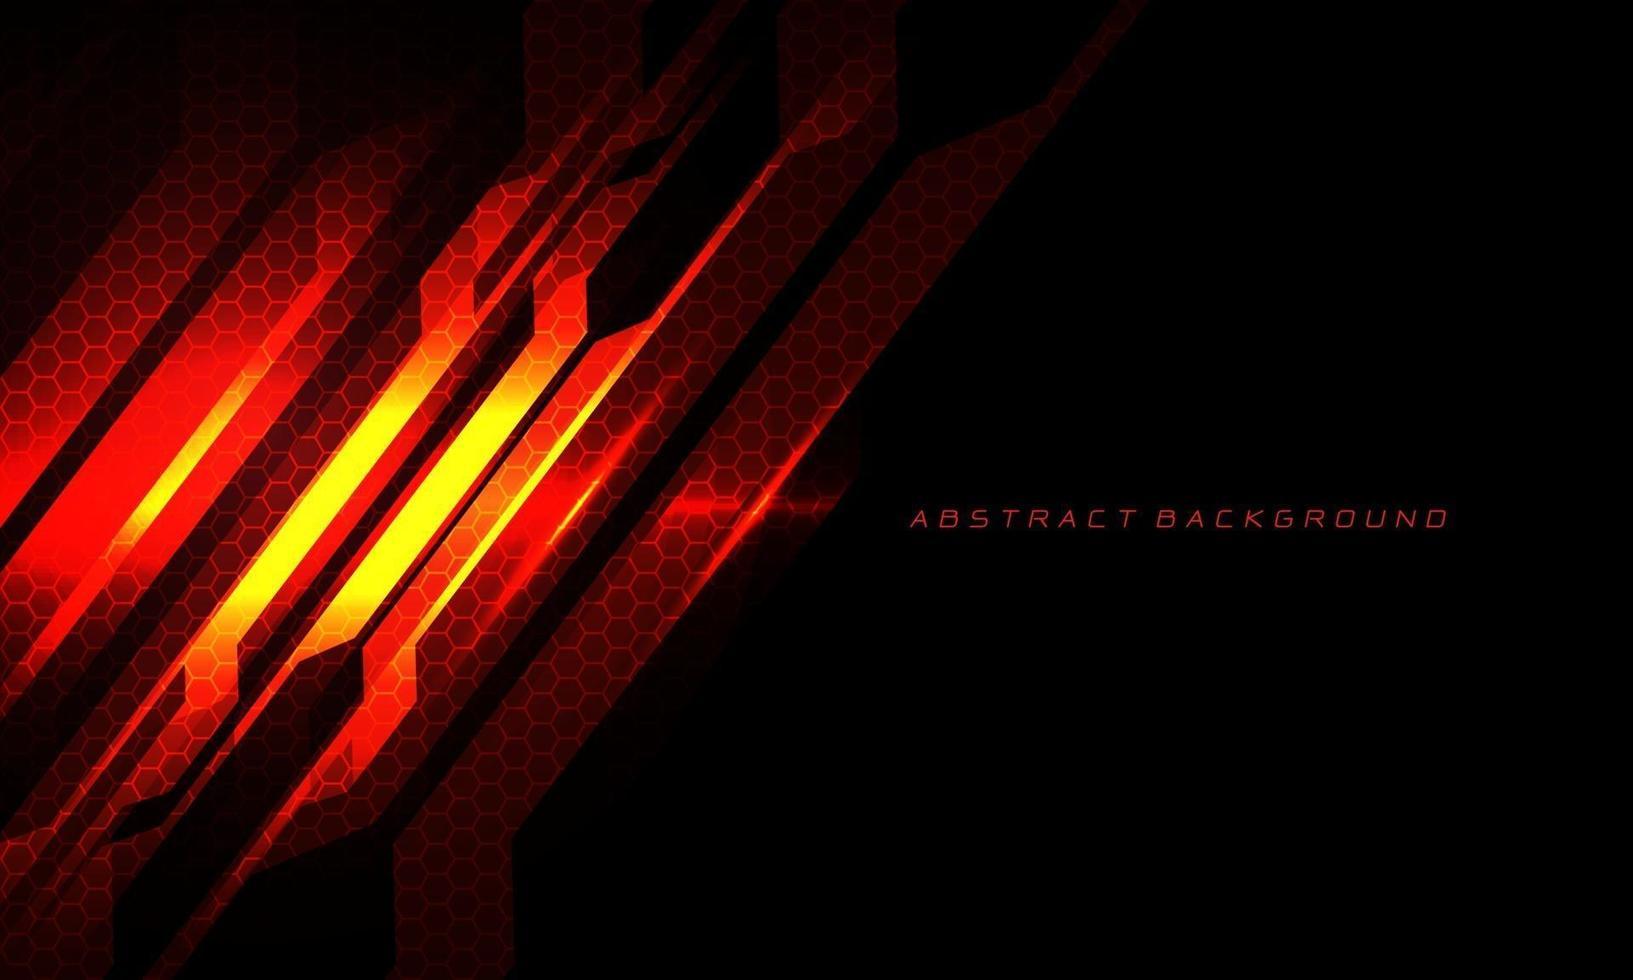 abstract rood vuur metalen circuit cyber slash zeshoek gaas op zwart met lege ruimte en tekst ontwerp moderne technologie futuristische achtergrond vectorillustratie. vector